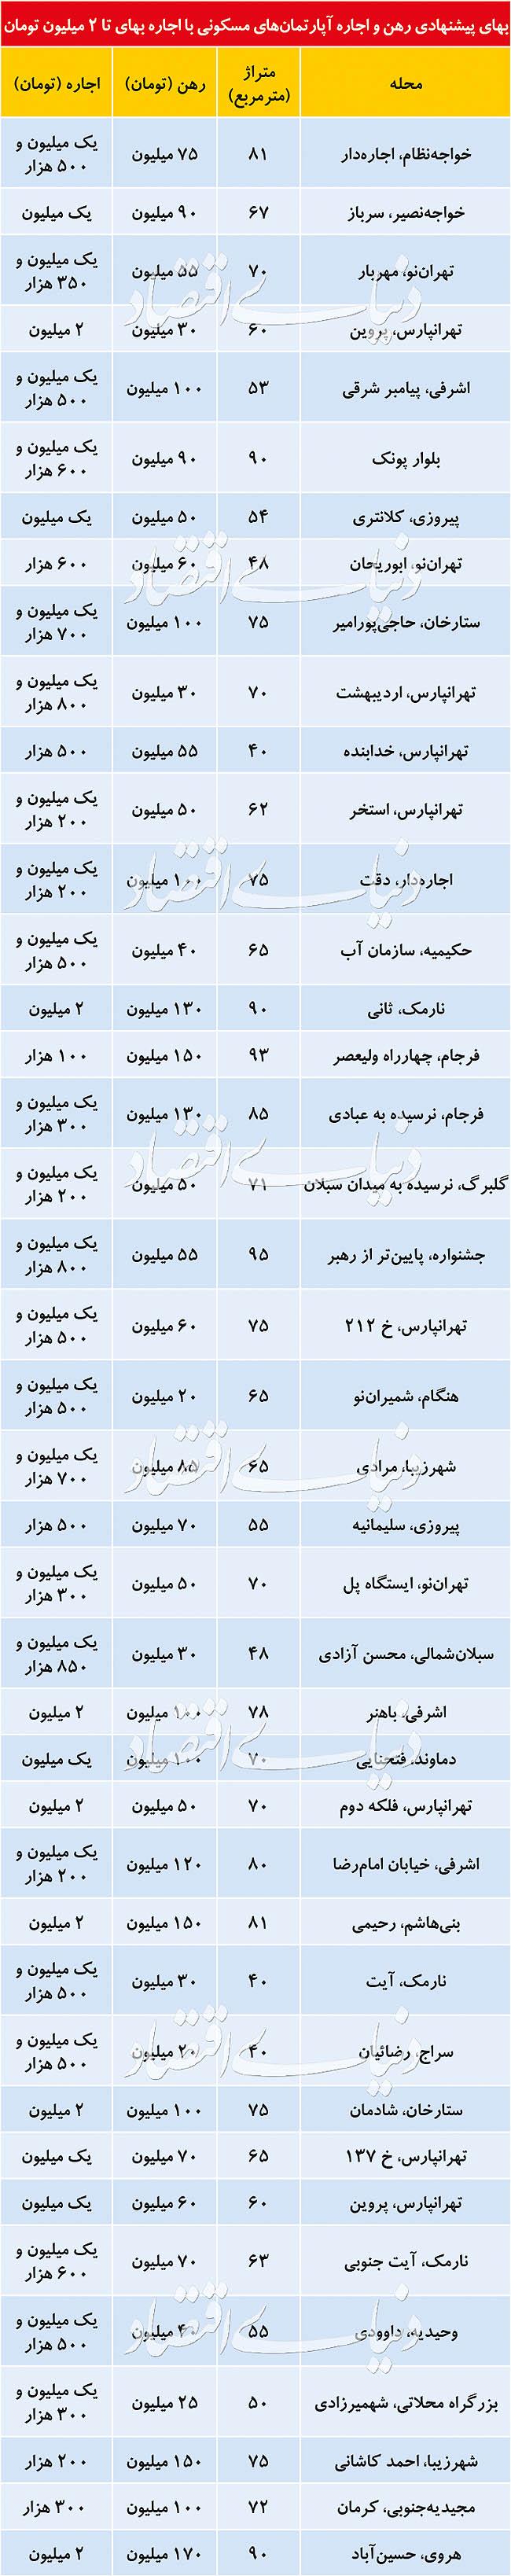 اجارهبهای تا ۲ میلیون تومان در کدام مناطق تهران متداول است؟